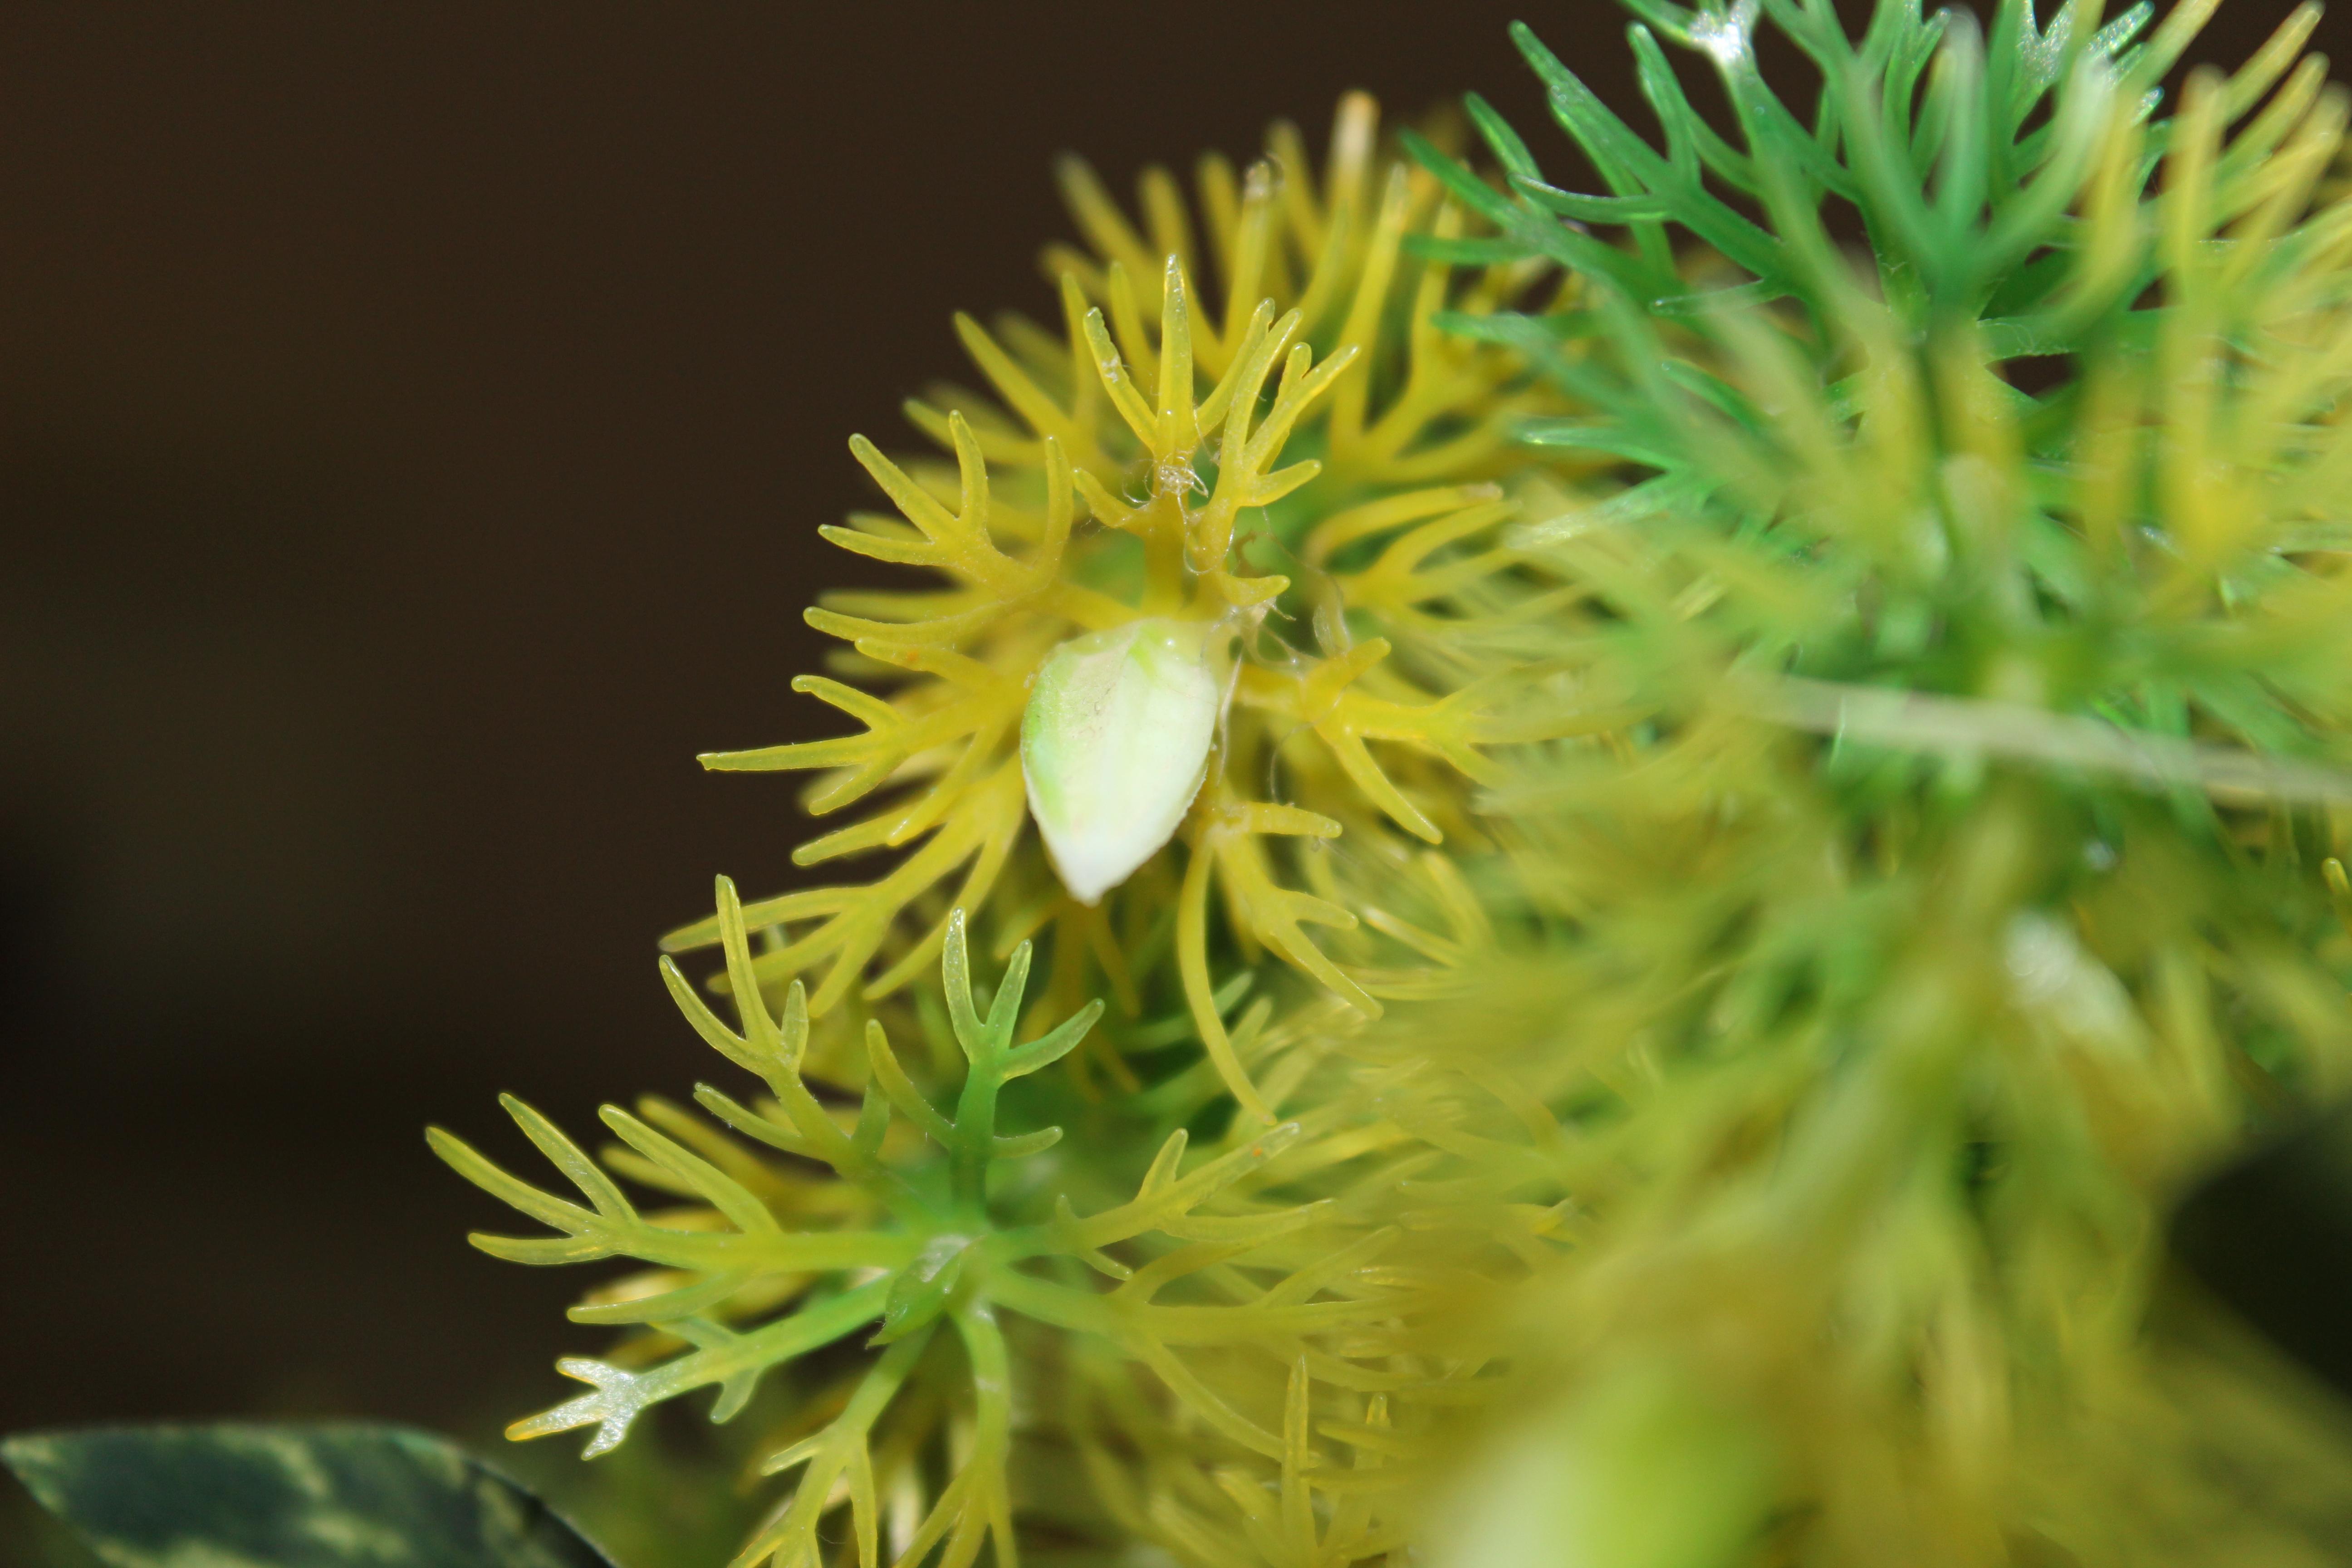 Sea plant, Green, Plant, Sea, HQ Photo